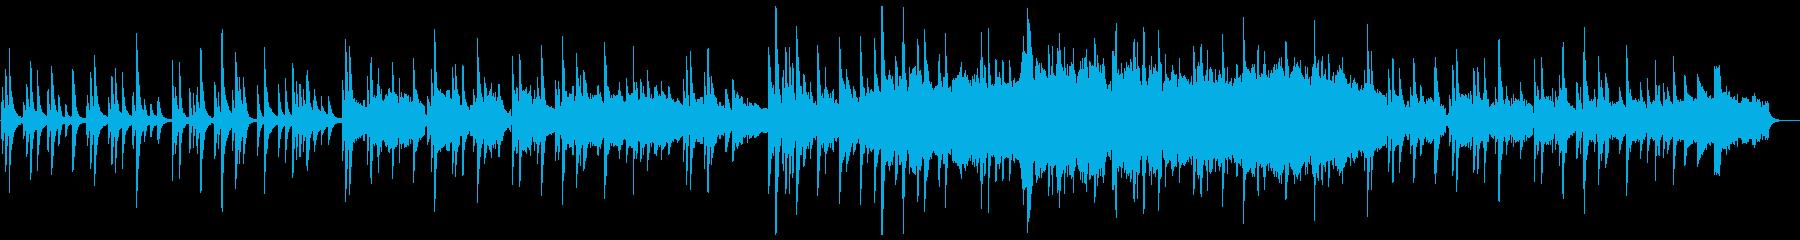 ノスタルジックで切ない和風オーケストラの再生済みの波形